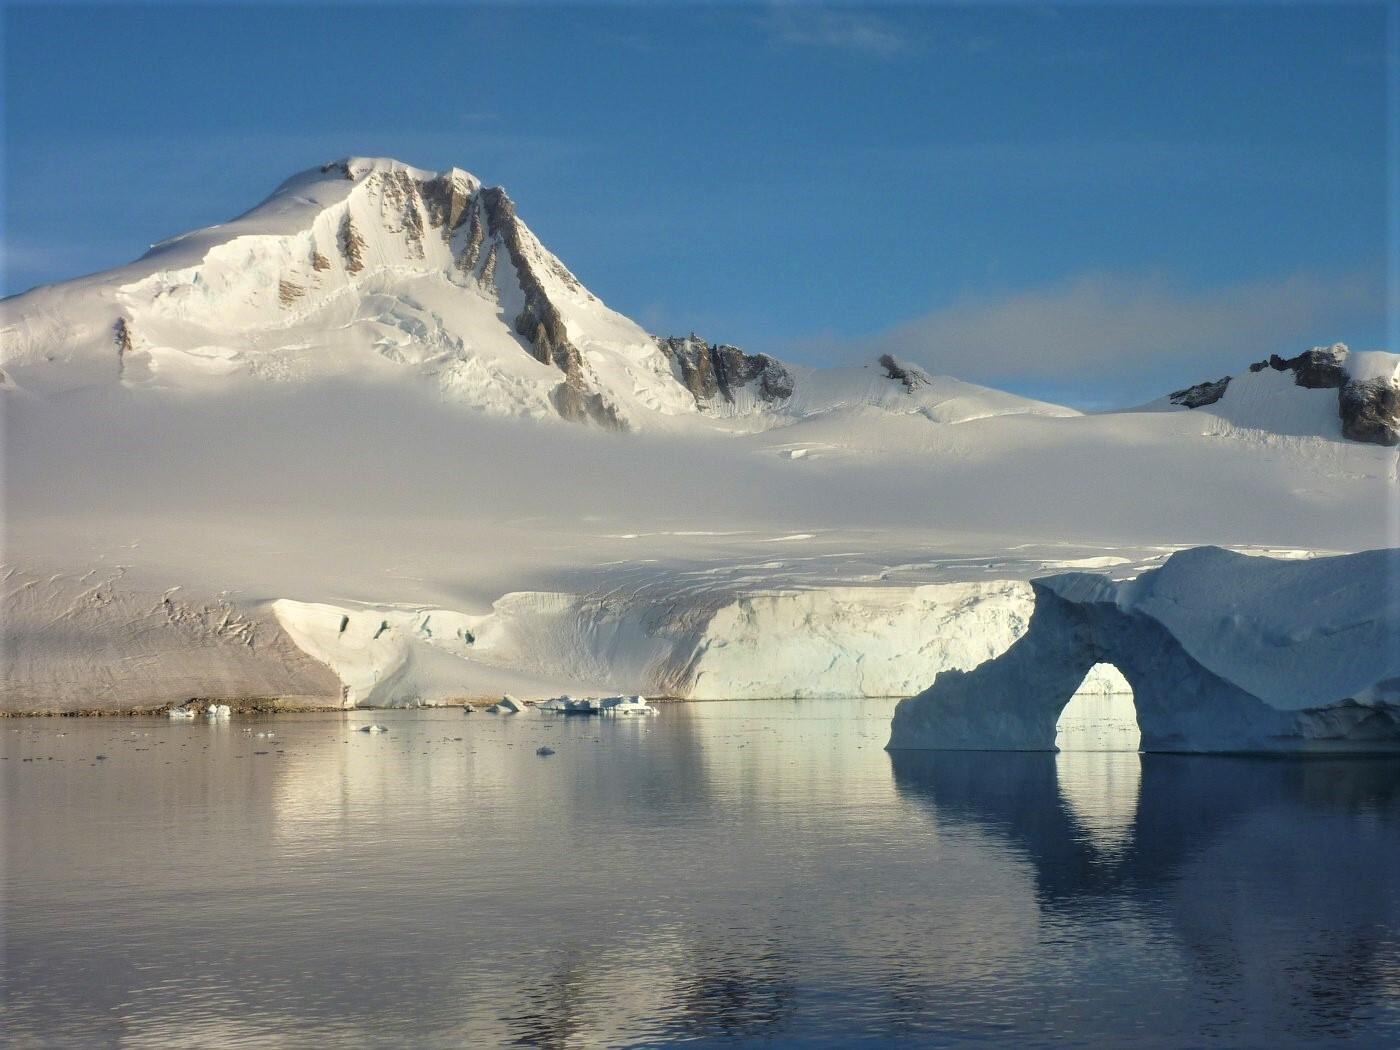 плавание вокруг антарктического полуострова недалеко от Paradise Bay